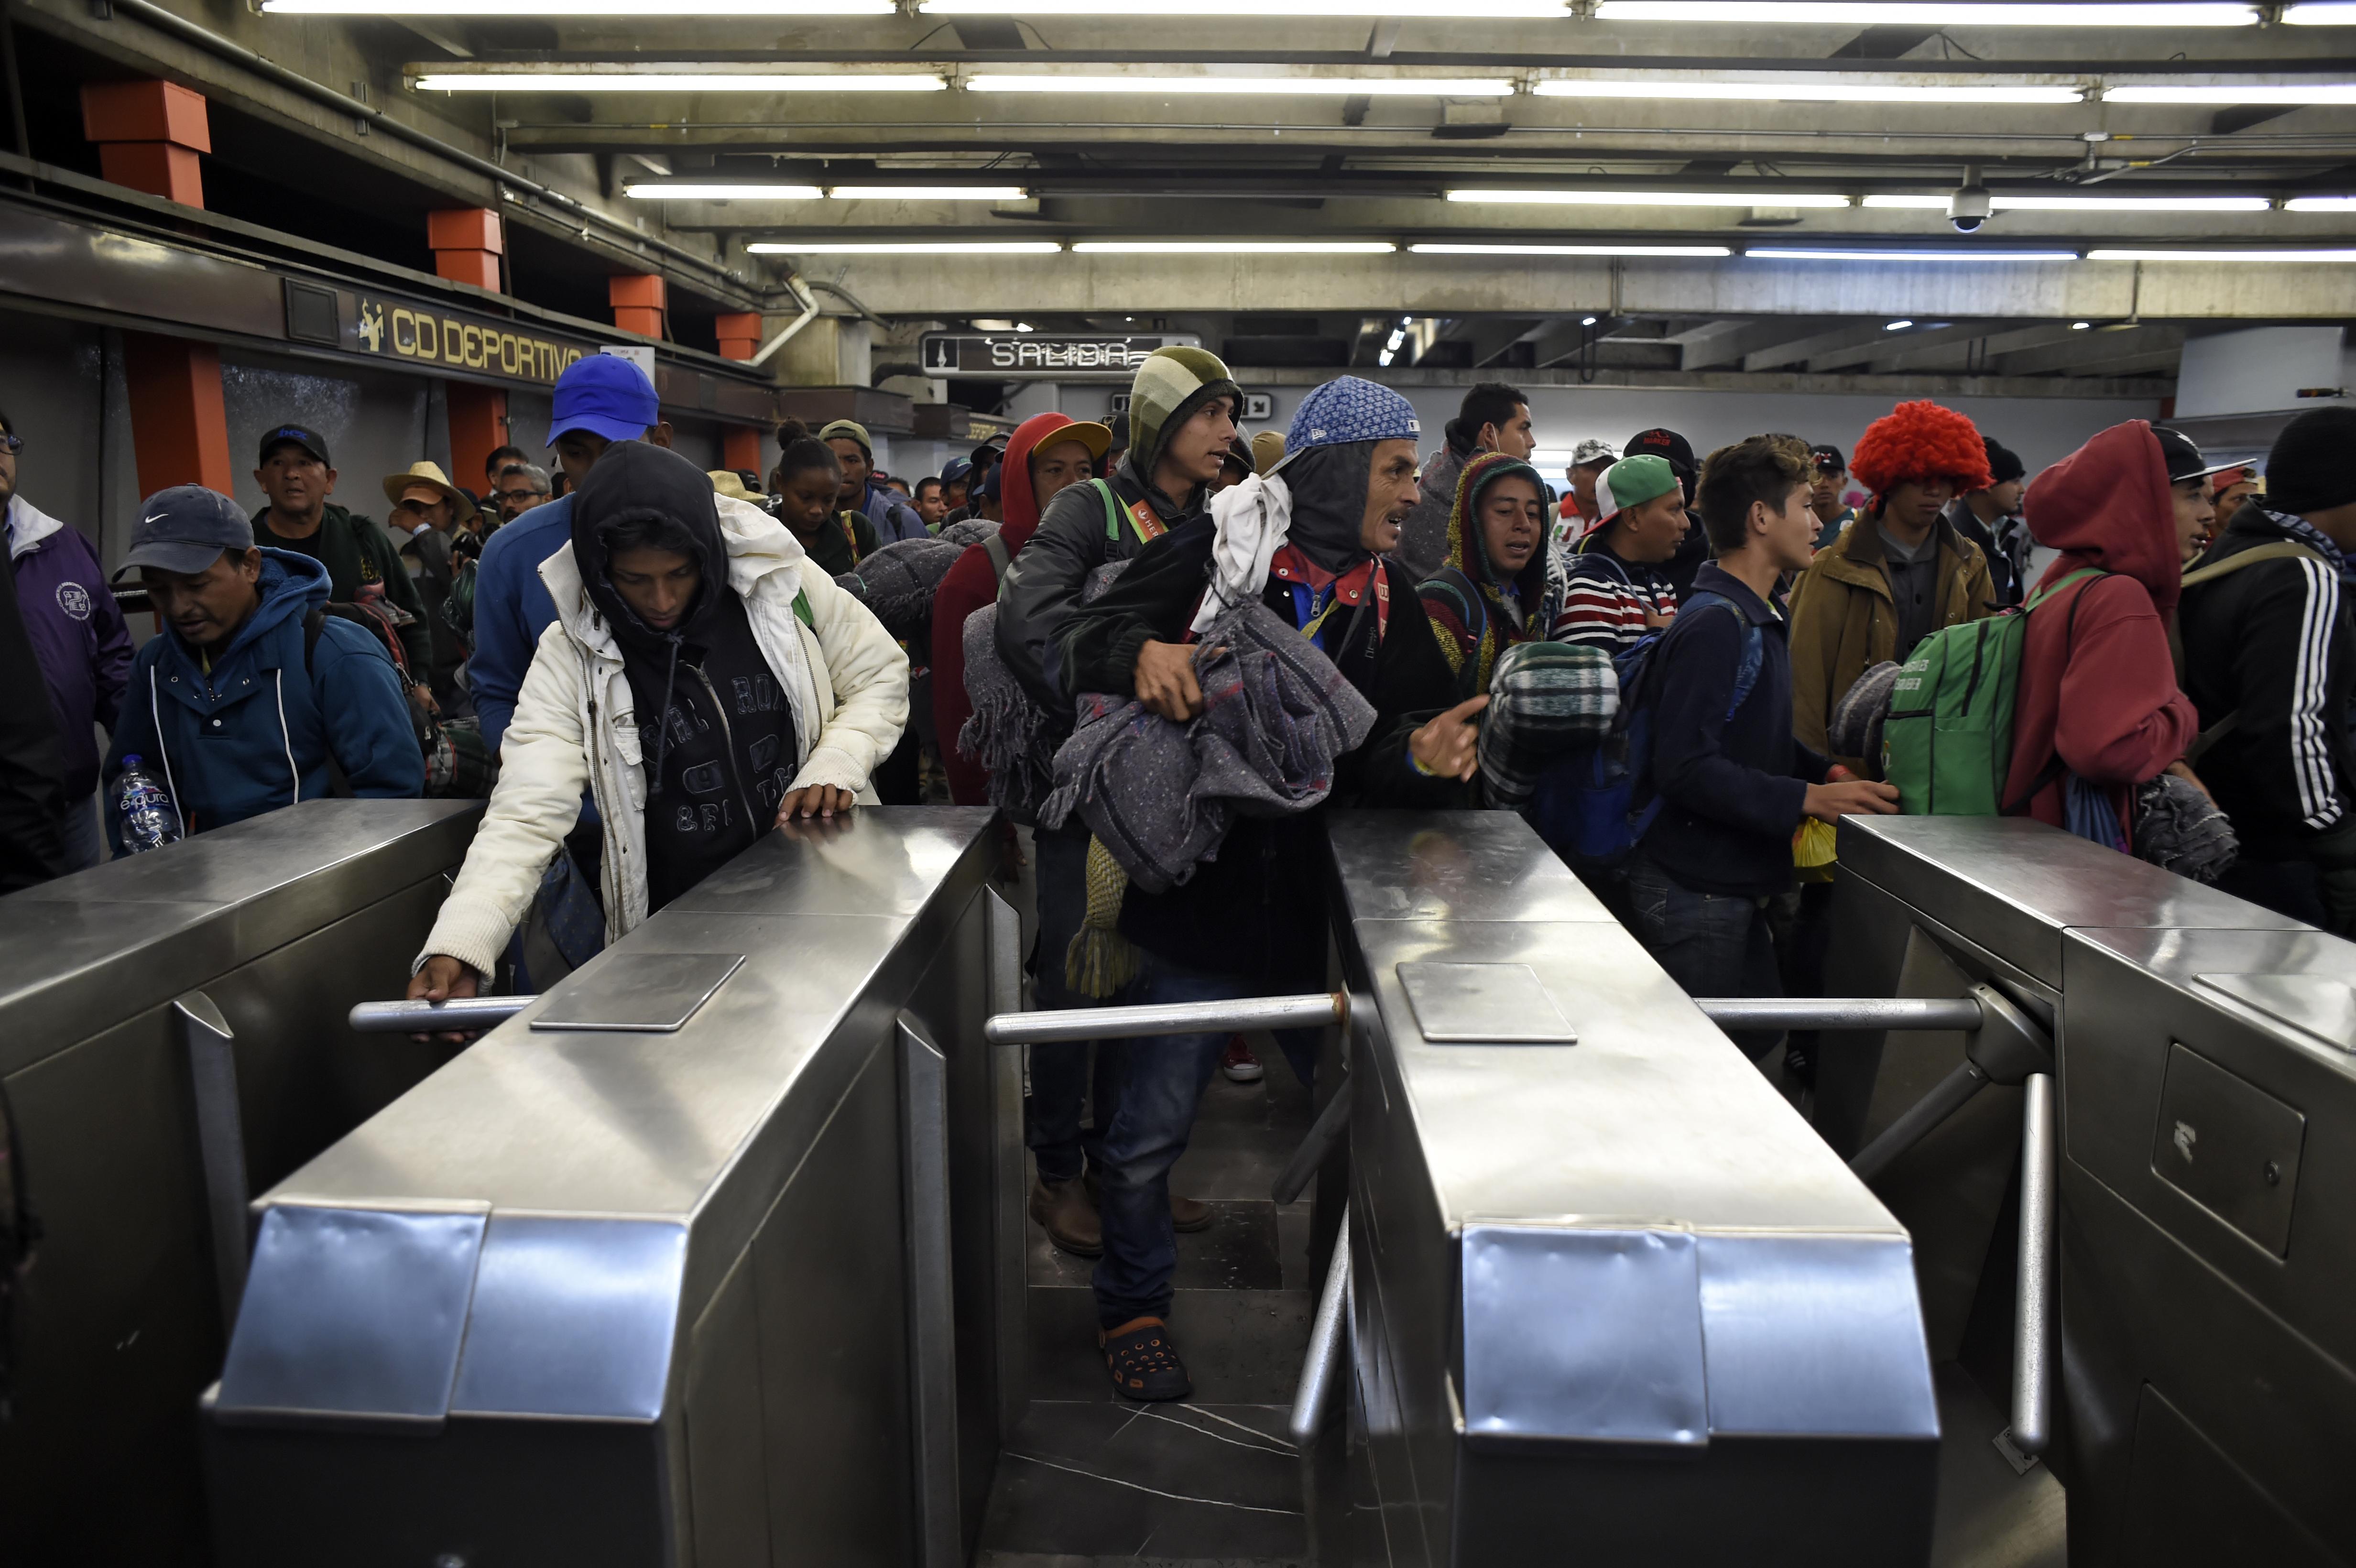 Un grupo de migrantes centroamericanos viajó en metro en la Ciudad de México desde muy temprano este viernes para tomar los camiones foráneos rumbo a Querétaro y seguir su viaje a EEUU. (Foto: Alfredo ESTRELLA / AFP)